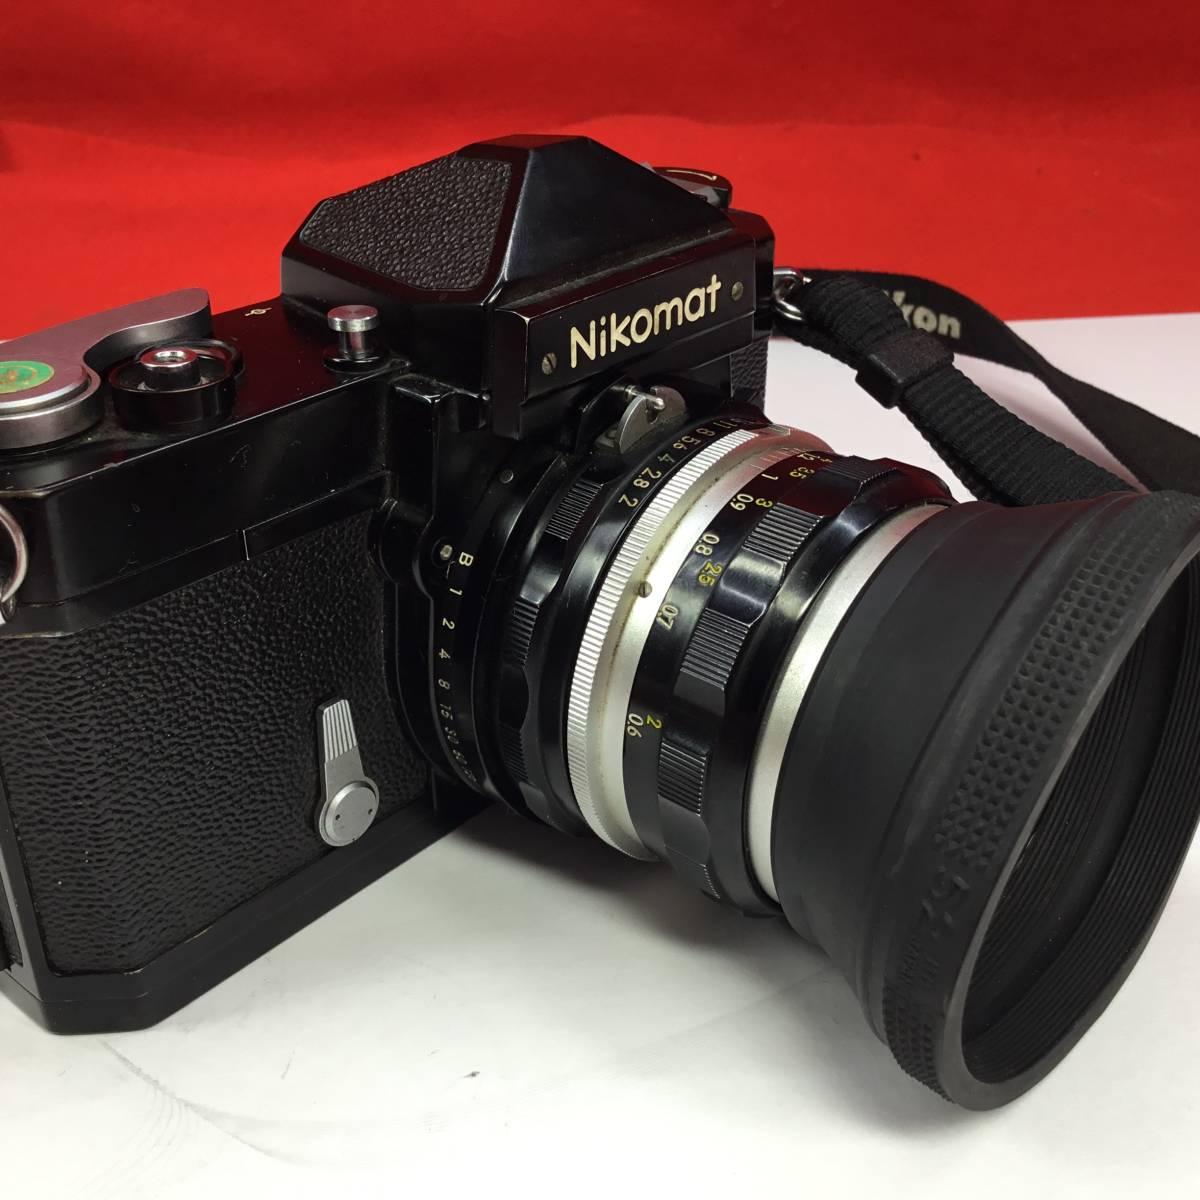 一眼レフカメラ Nikomat FT レンズ Nikon NIKKOR-H Auto 1:2 f=50mm ニコマート_画像2